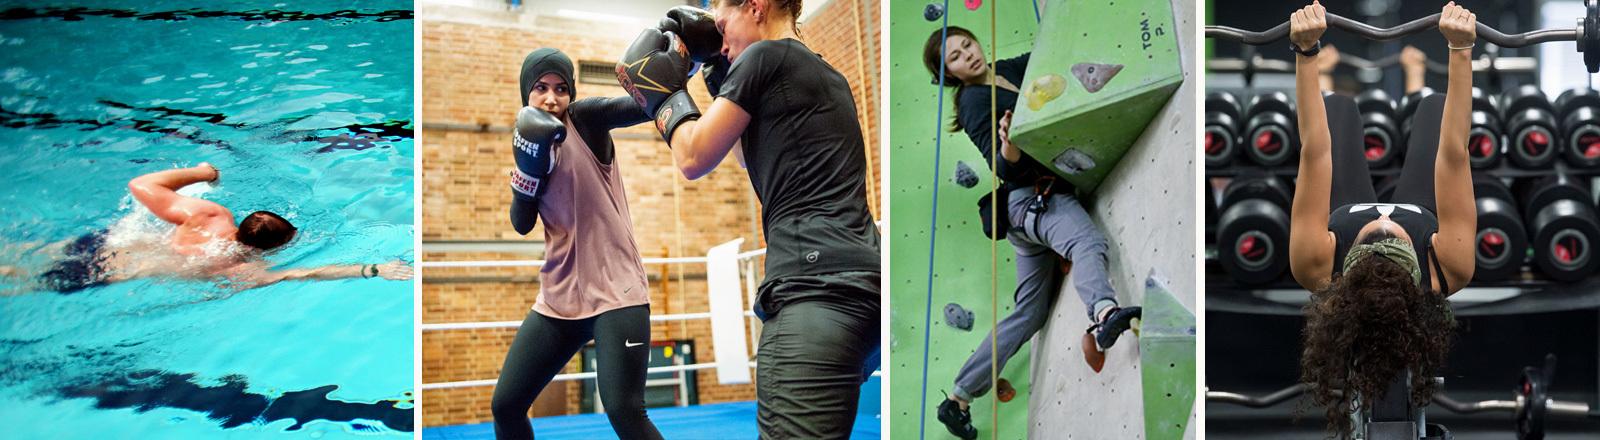 Ein Schwimmer, eine Boxerin, eine Frau in der Kletterwand, eine Gewichtheberin.